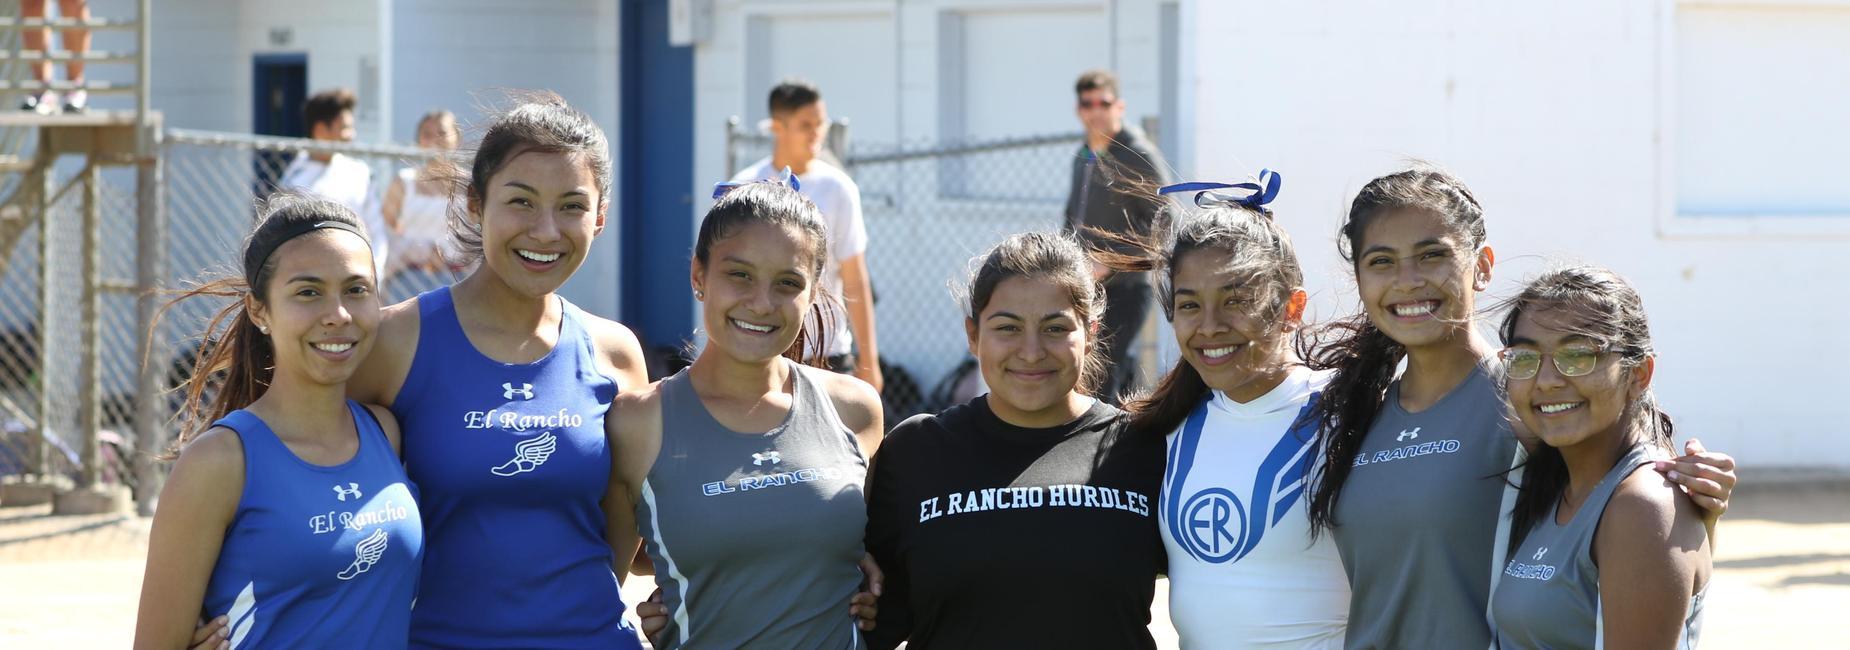 El Rancho Unified School District